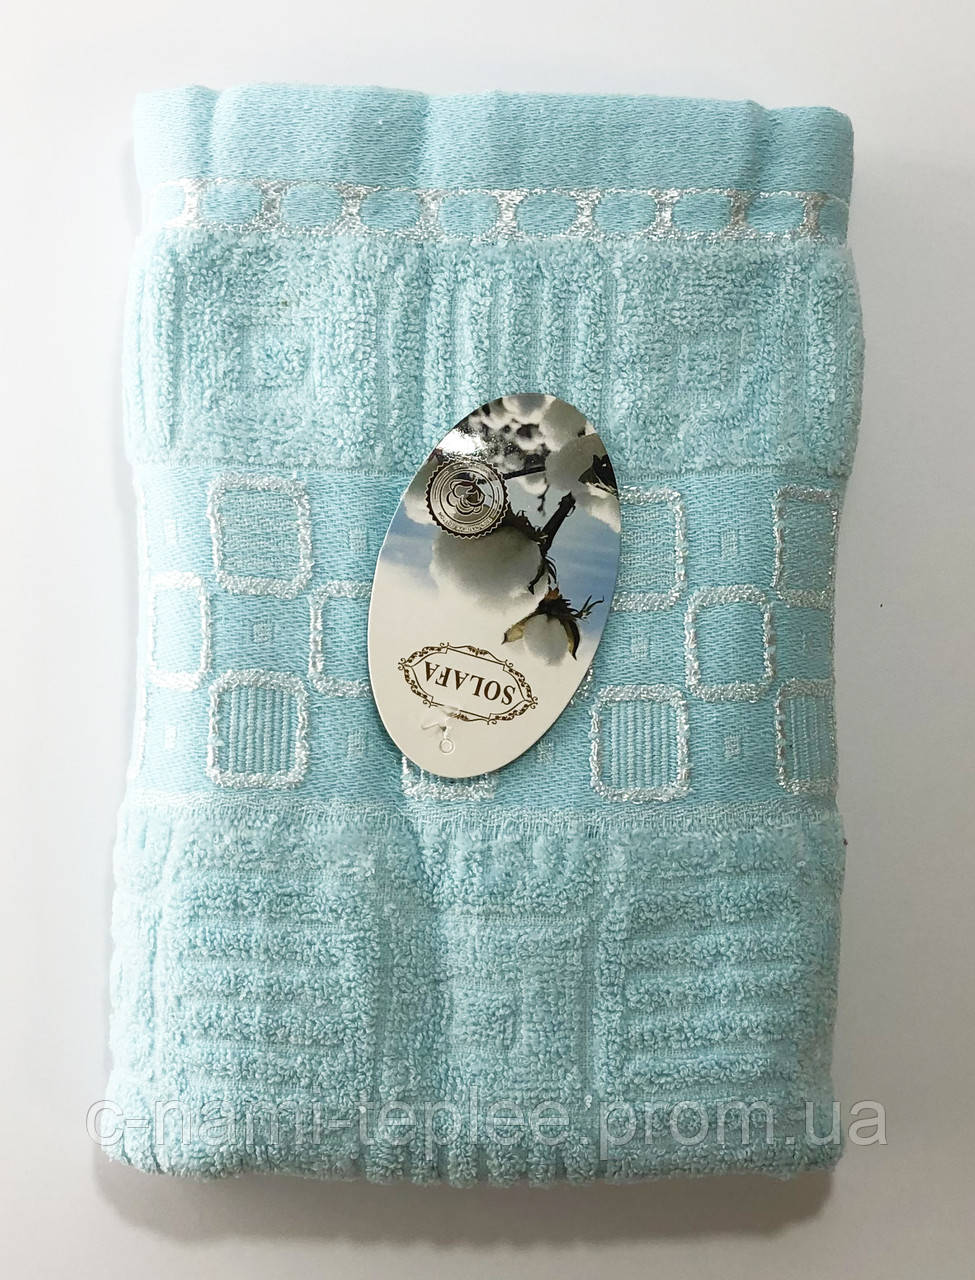 Полотенце банное 50х90 Голубой